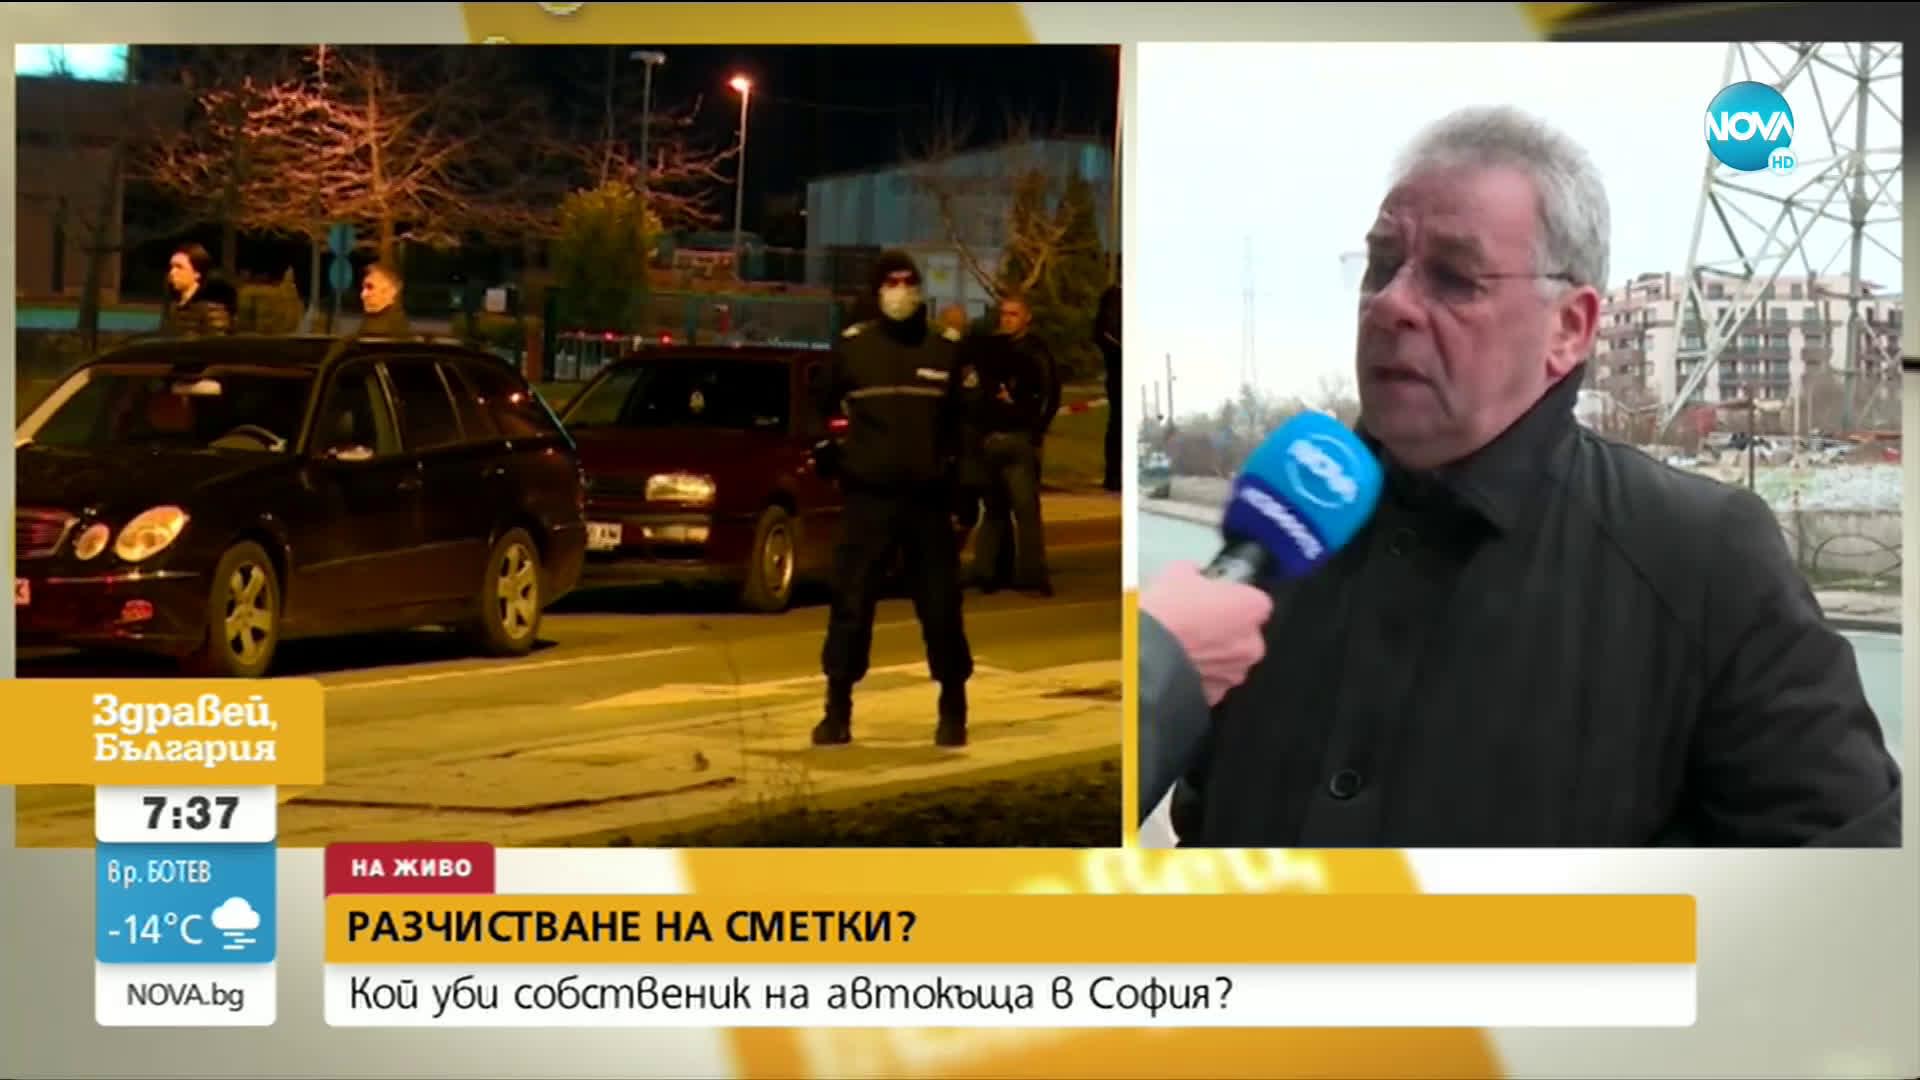 Експерт коментира версиите за убийството в София - България | Vesti.bg